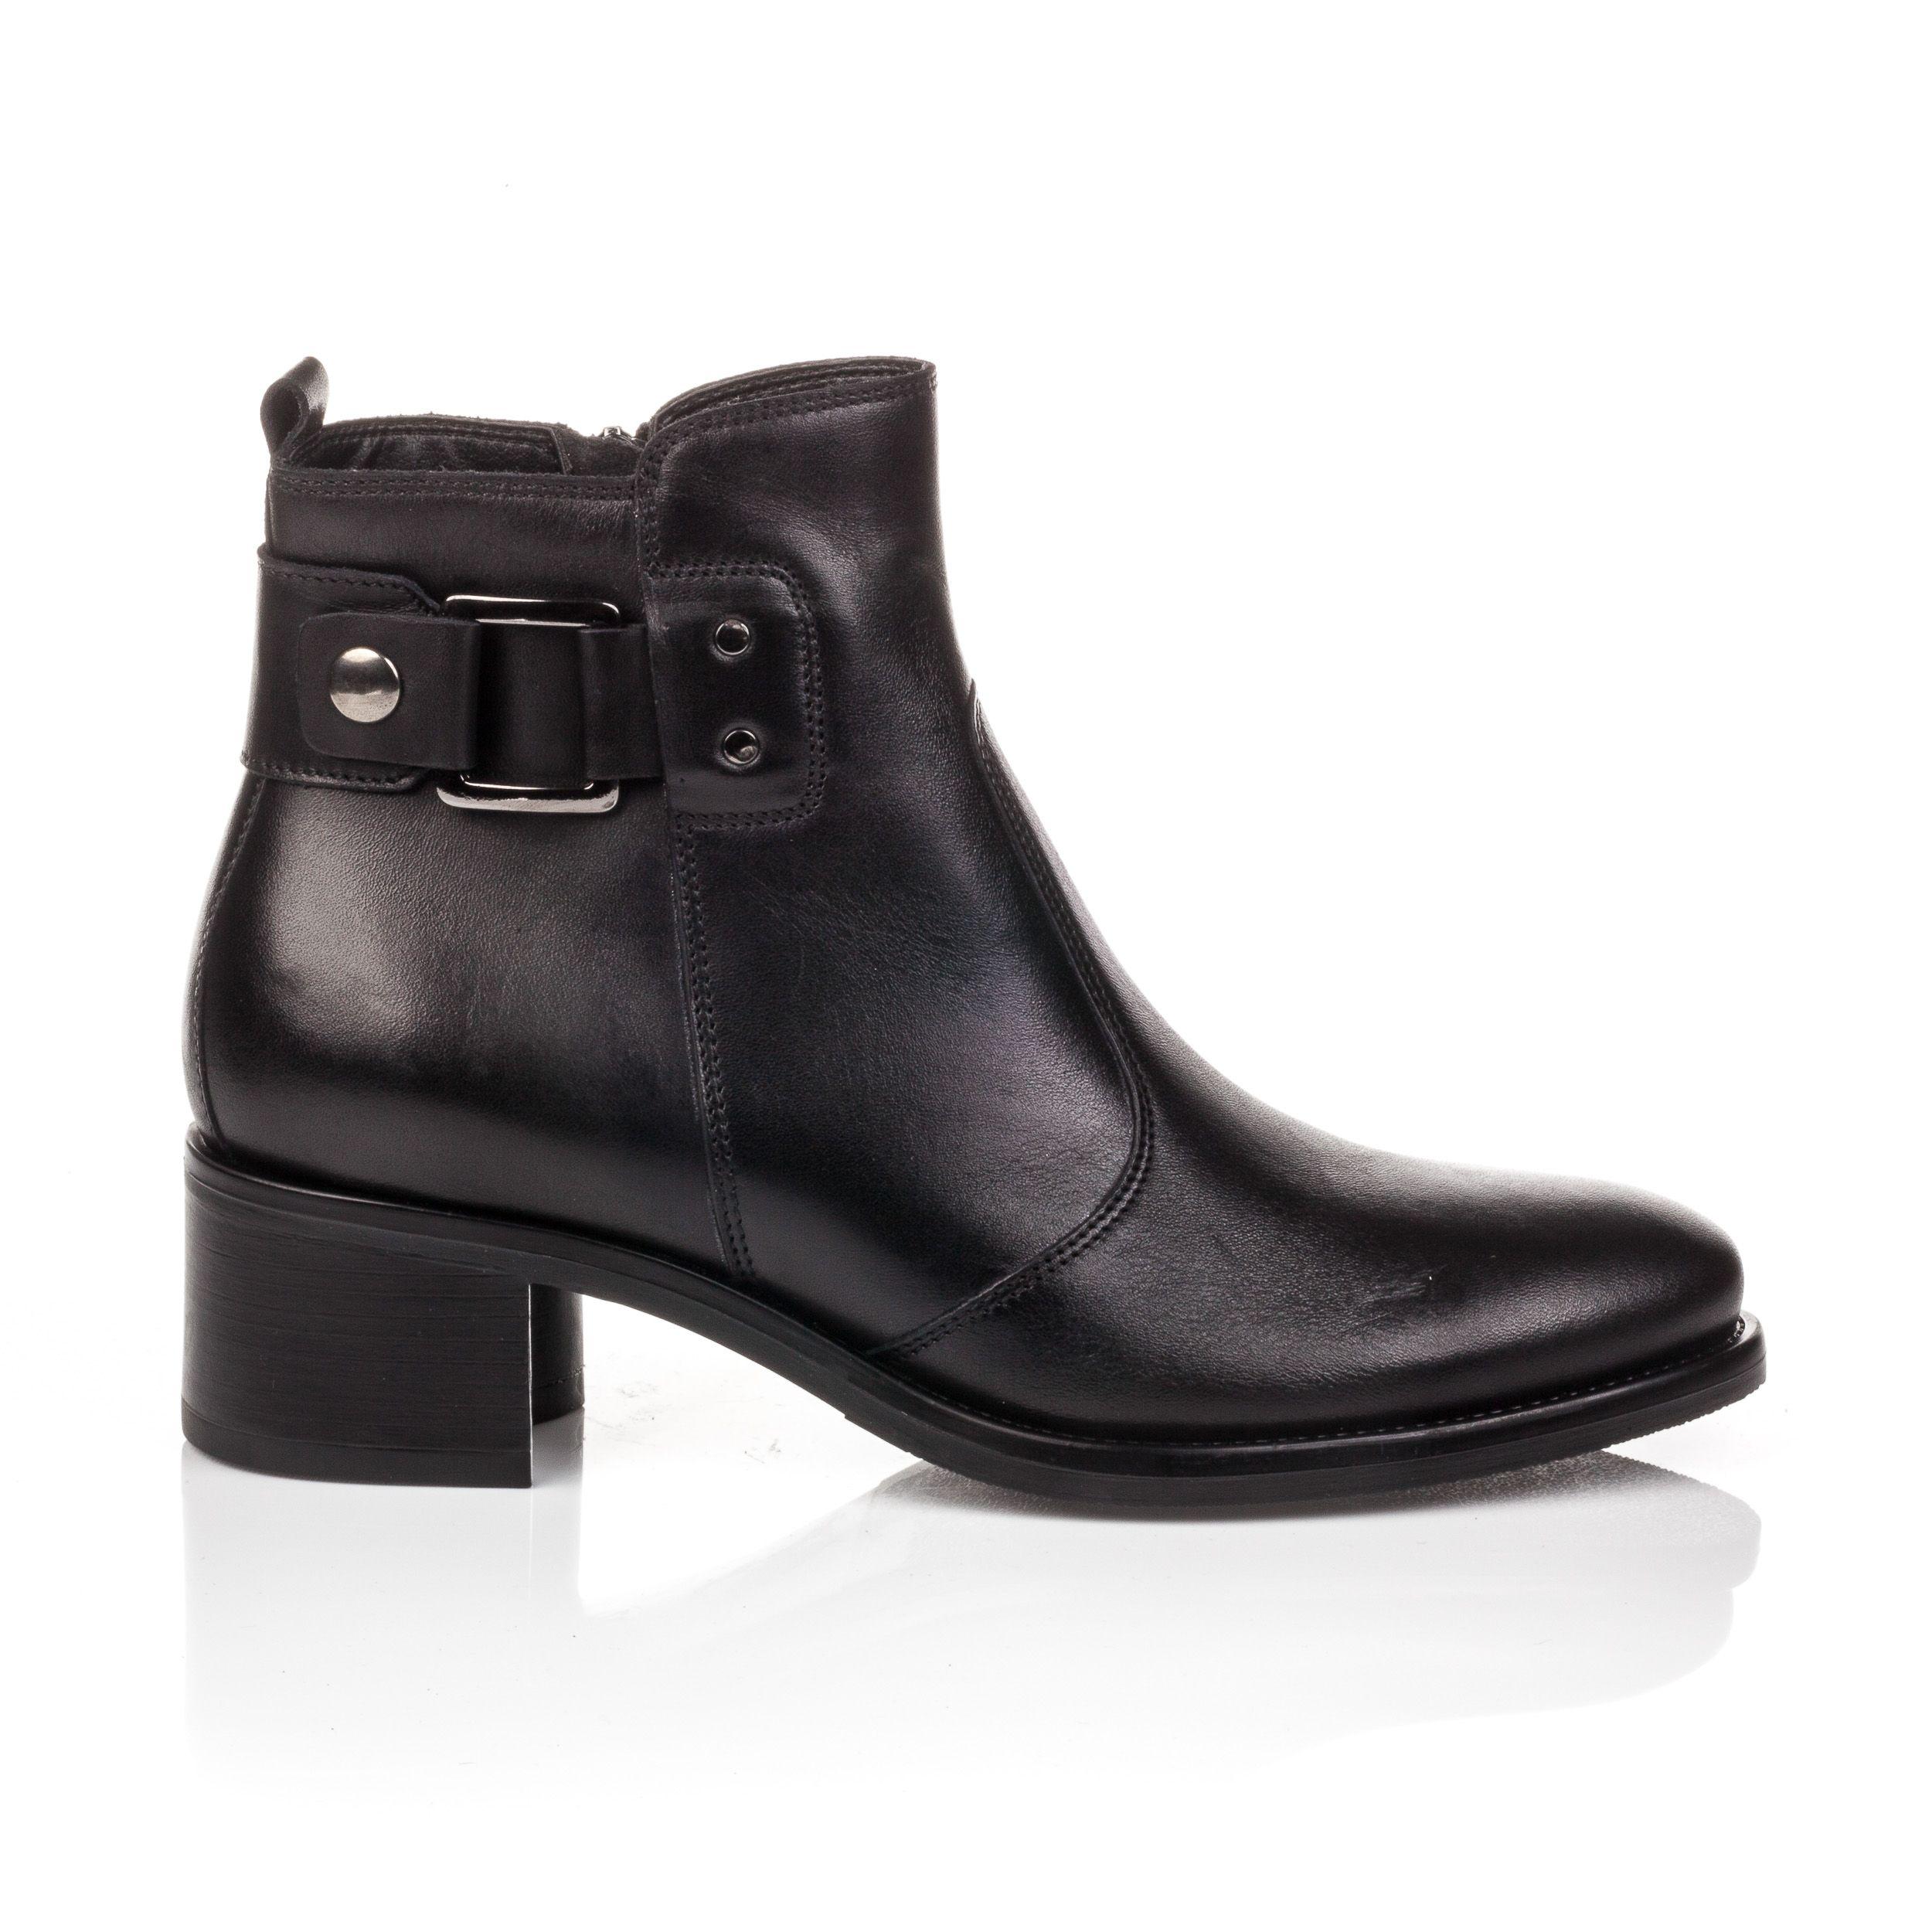 Bottines Boots En 18th 2018 Vêtements Femme Pinterest Noir q7wdrfq